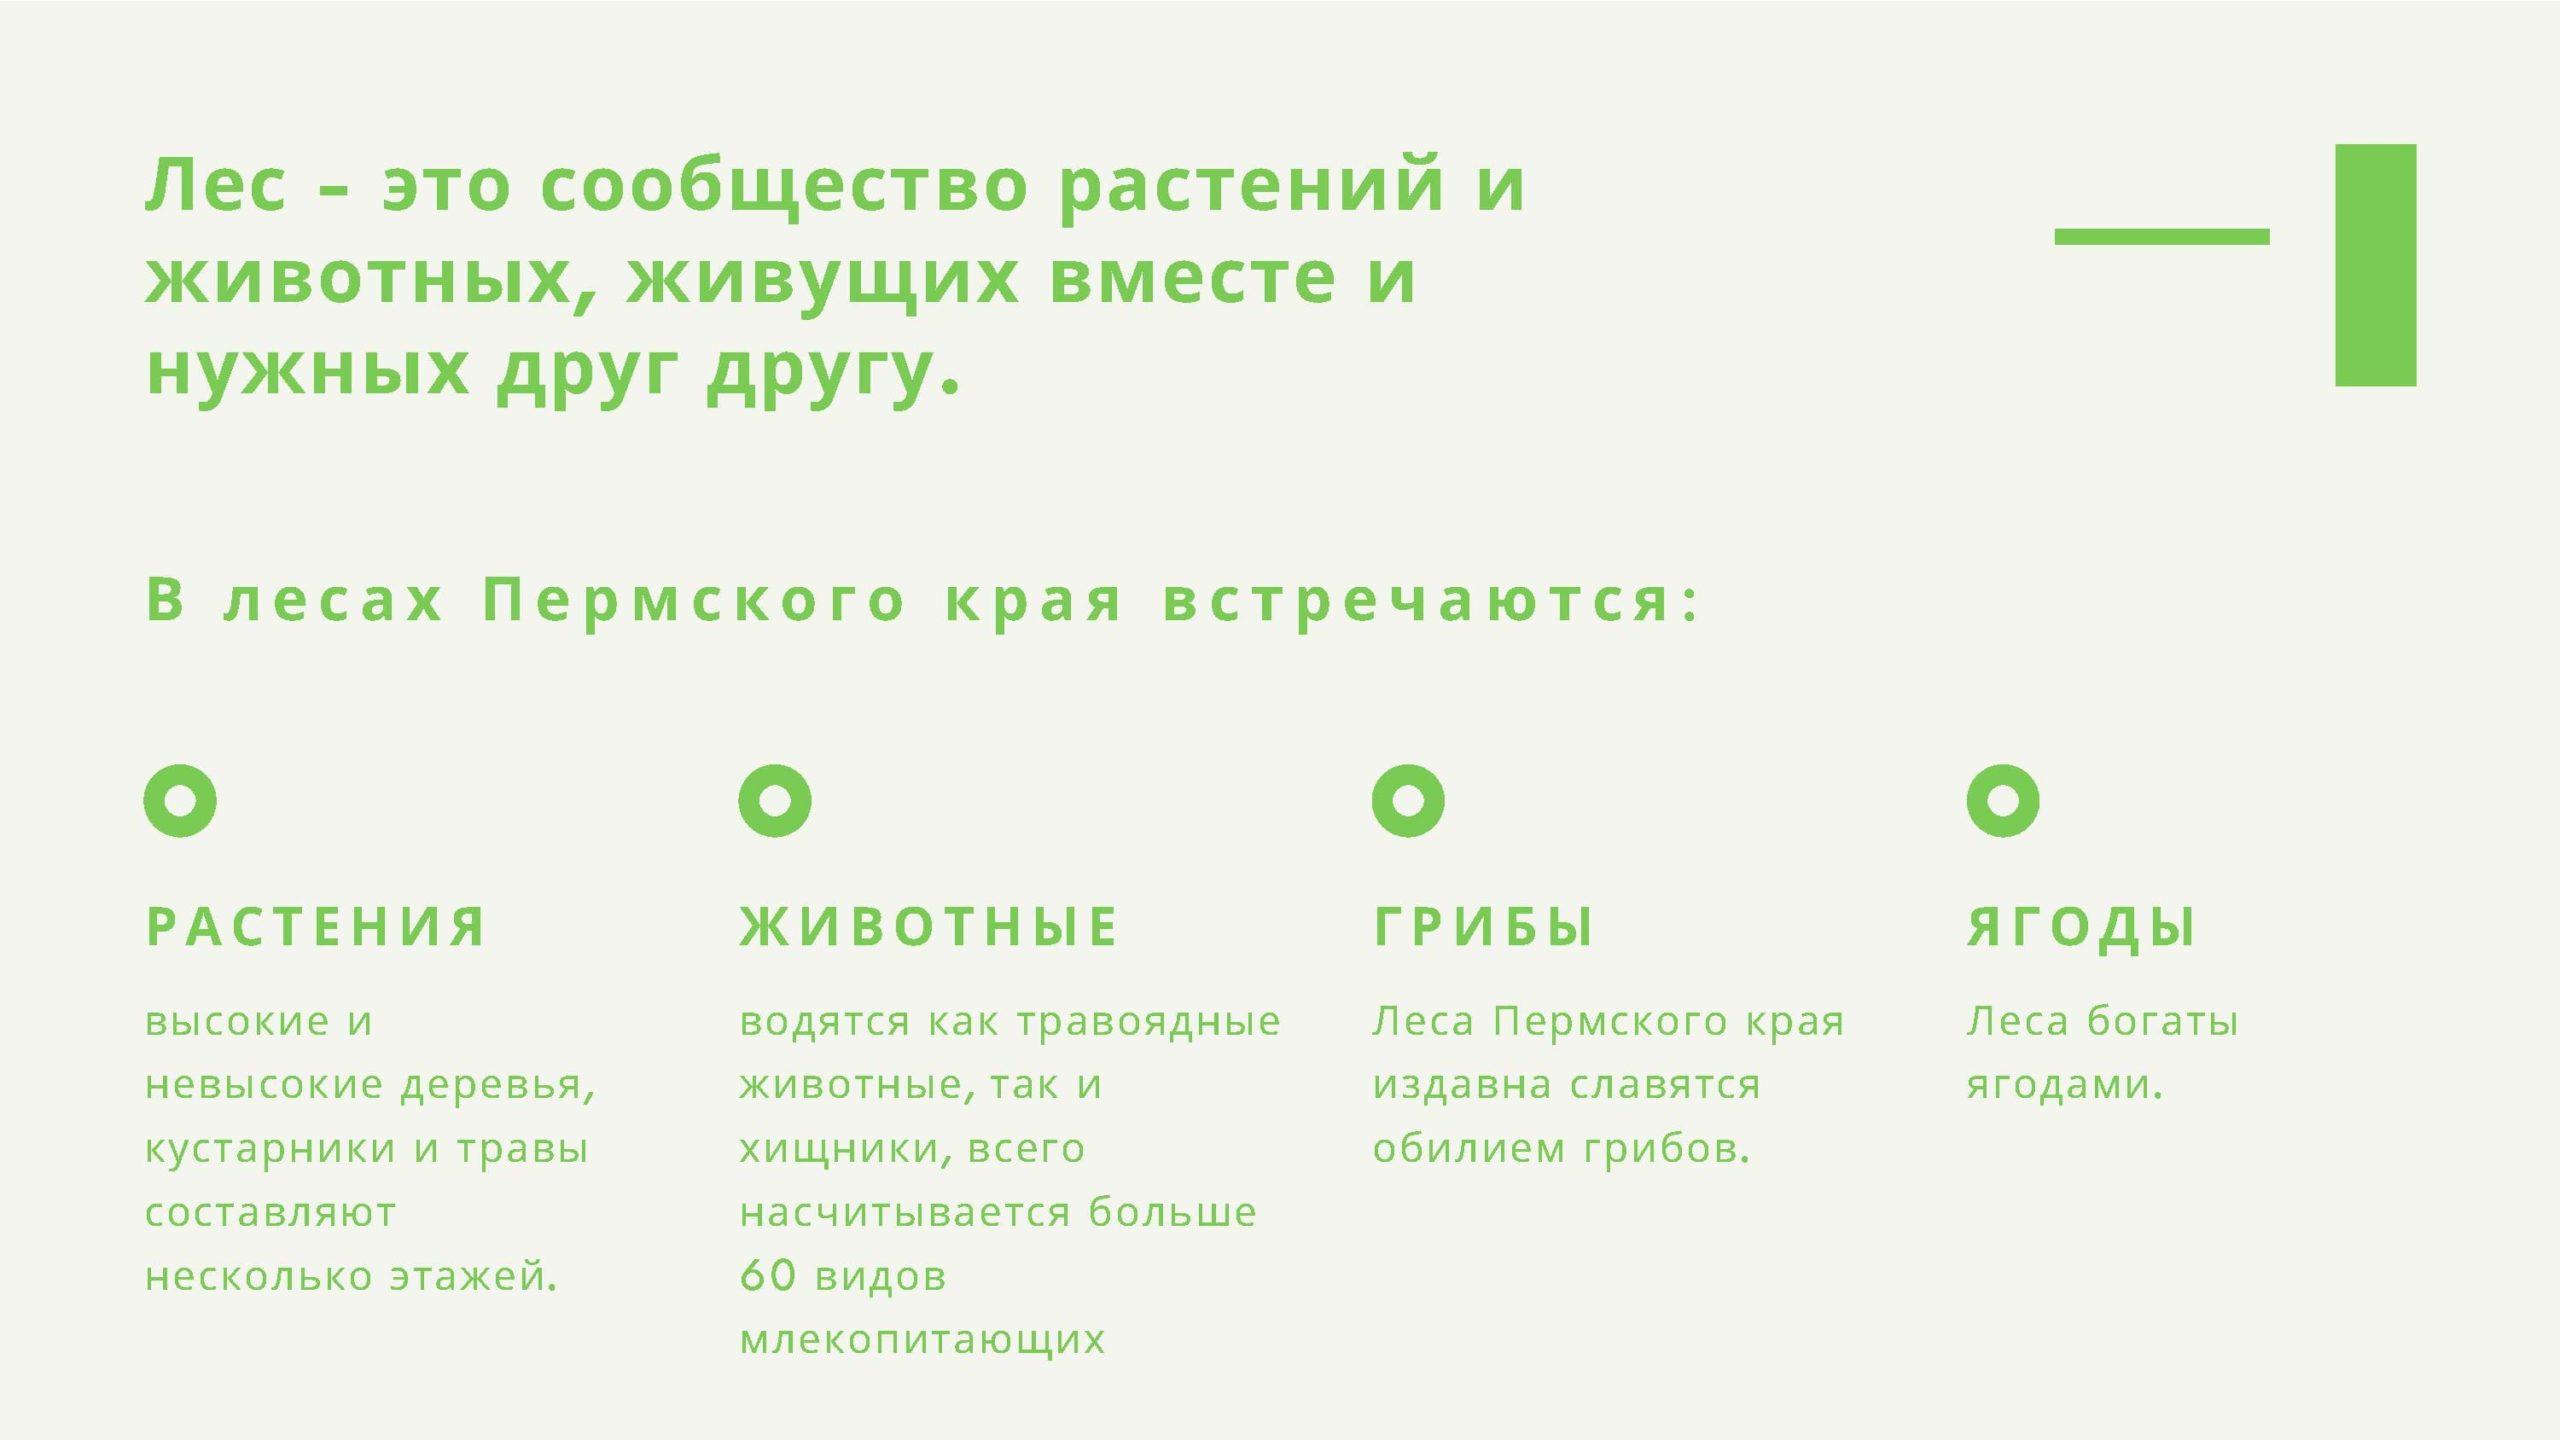 Лес - это сообщество растений